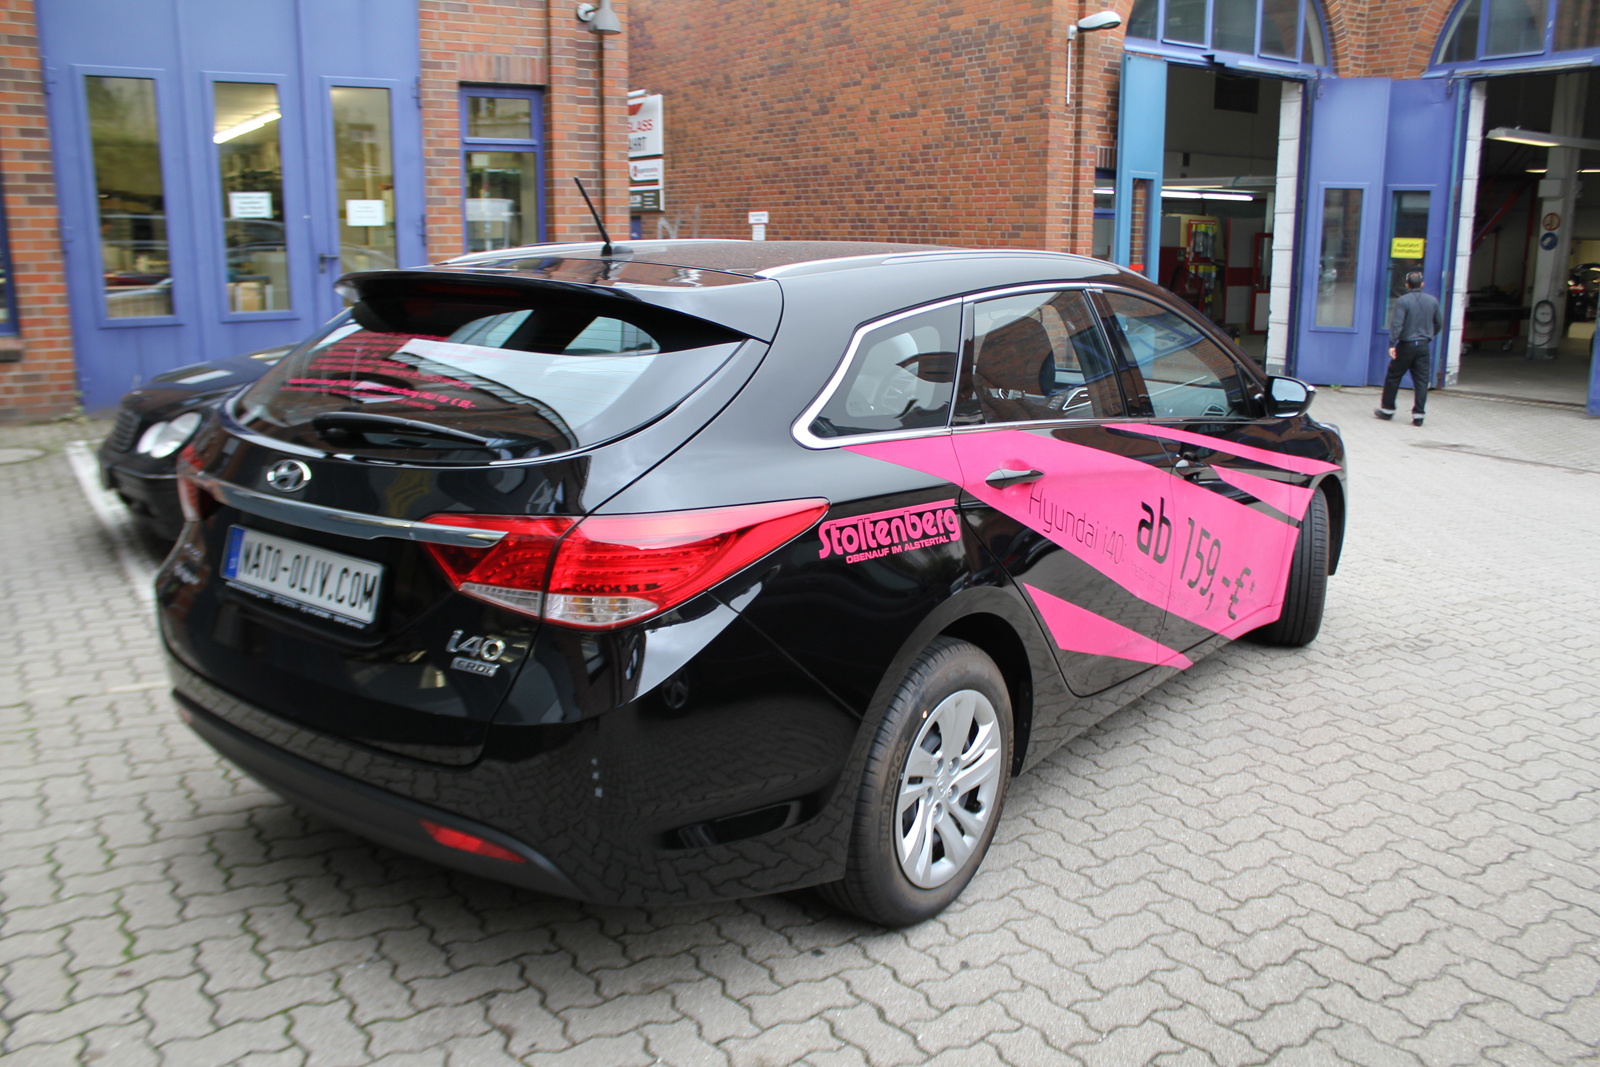 schraege Heckansicht des mit Samt-Pink-Folie beschrifteten Hyundai i40